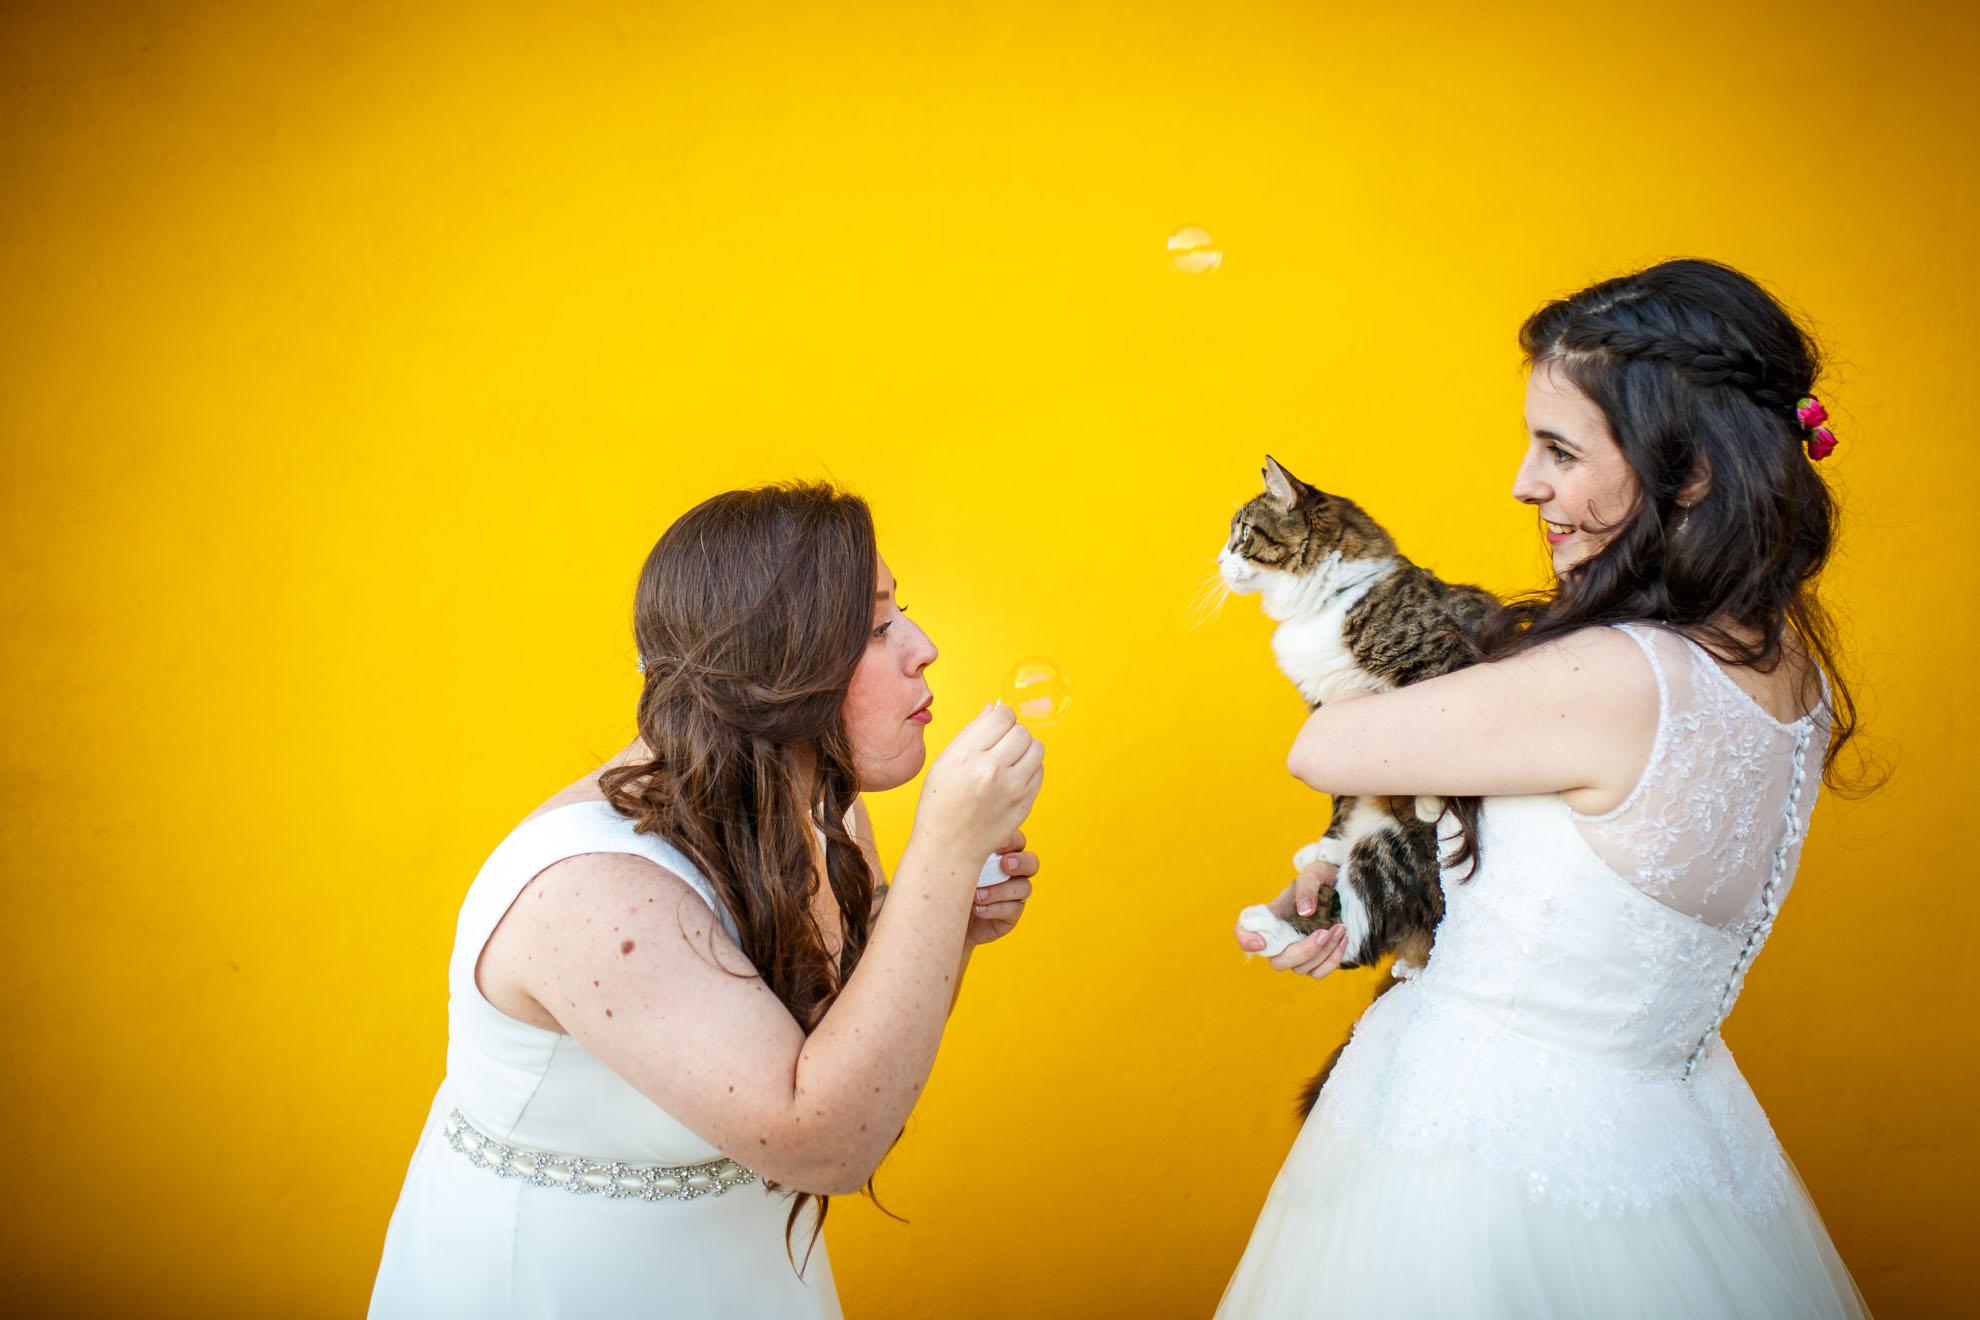 dos chicas jugando con su gato con pompas de jabon